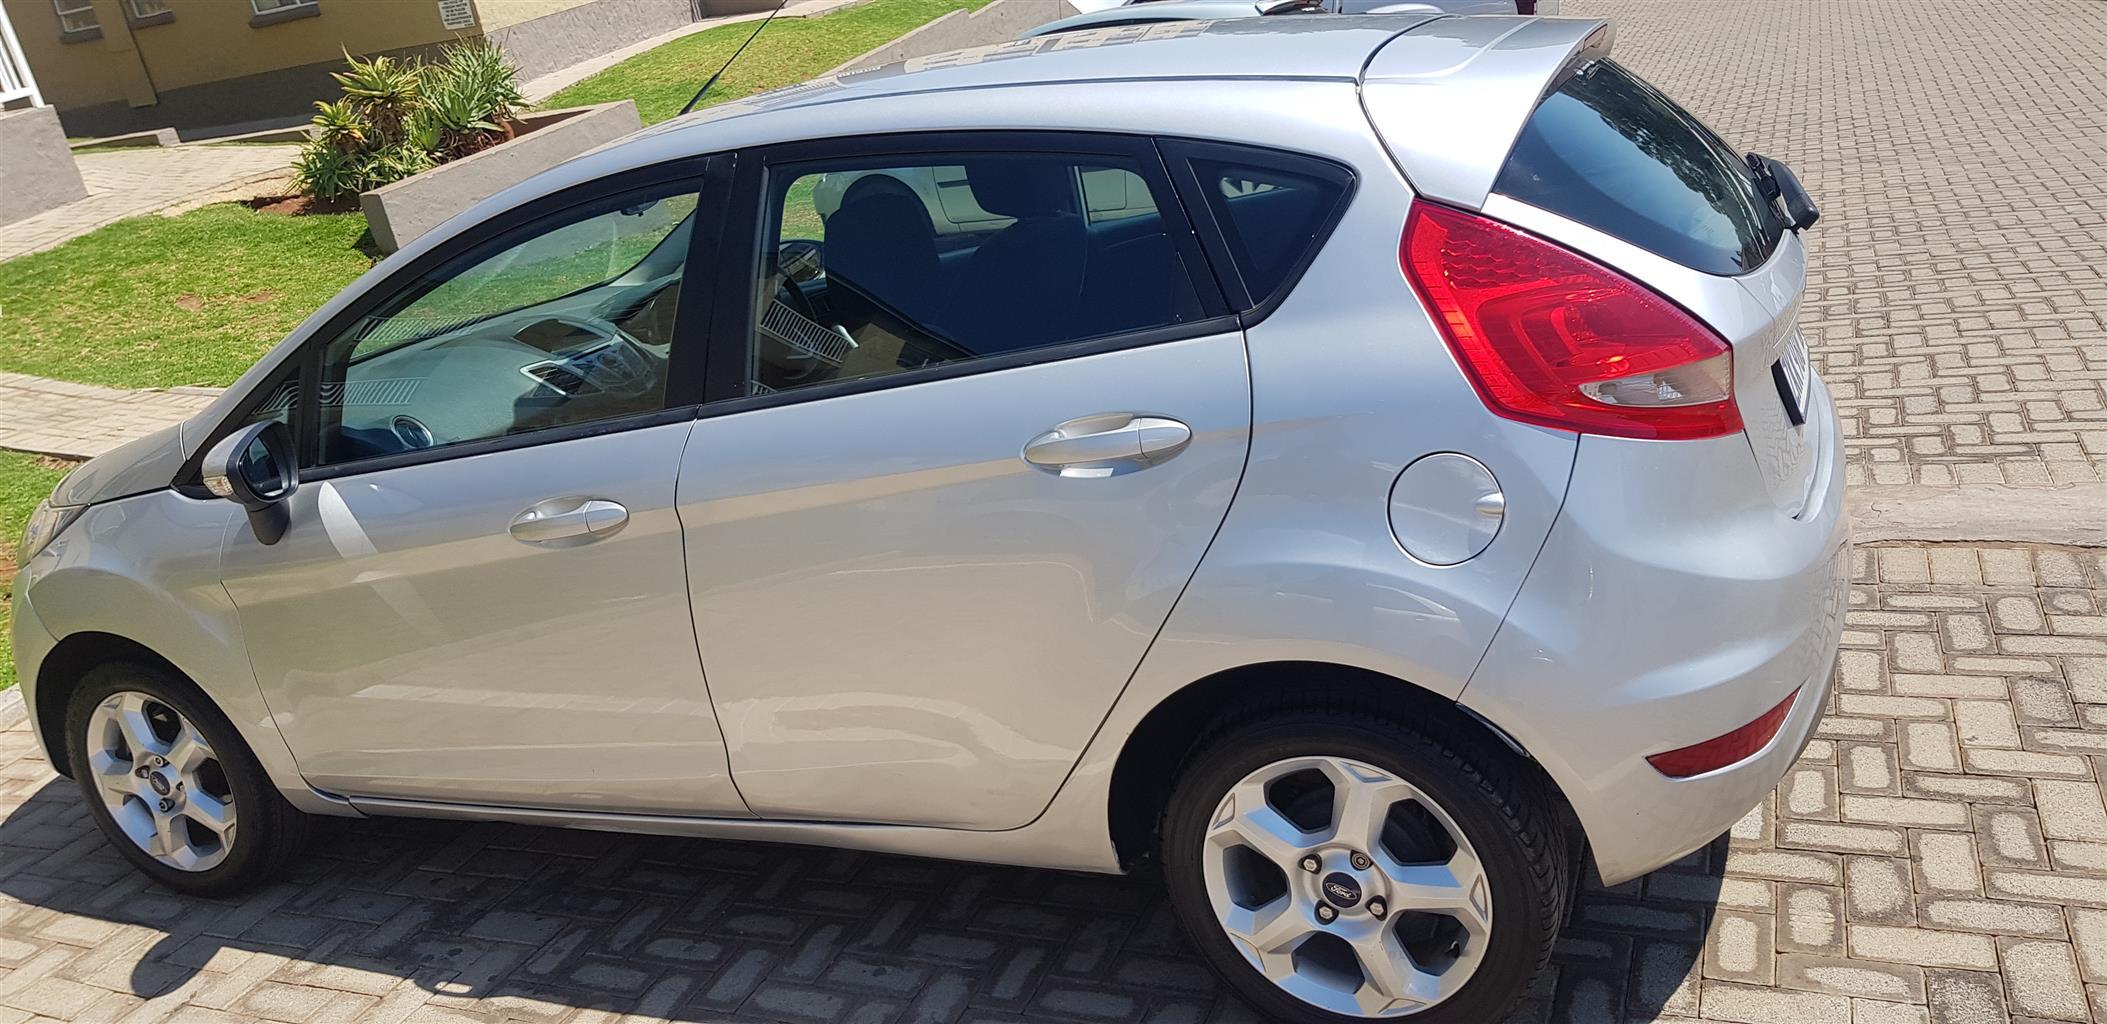 2011 Ford Fiesta 1.4 5 door Trend